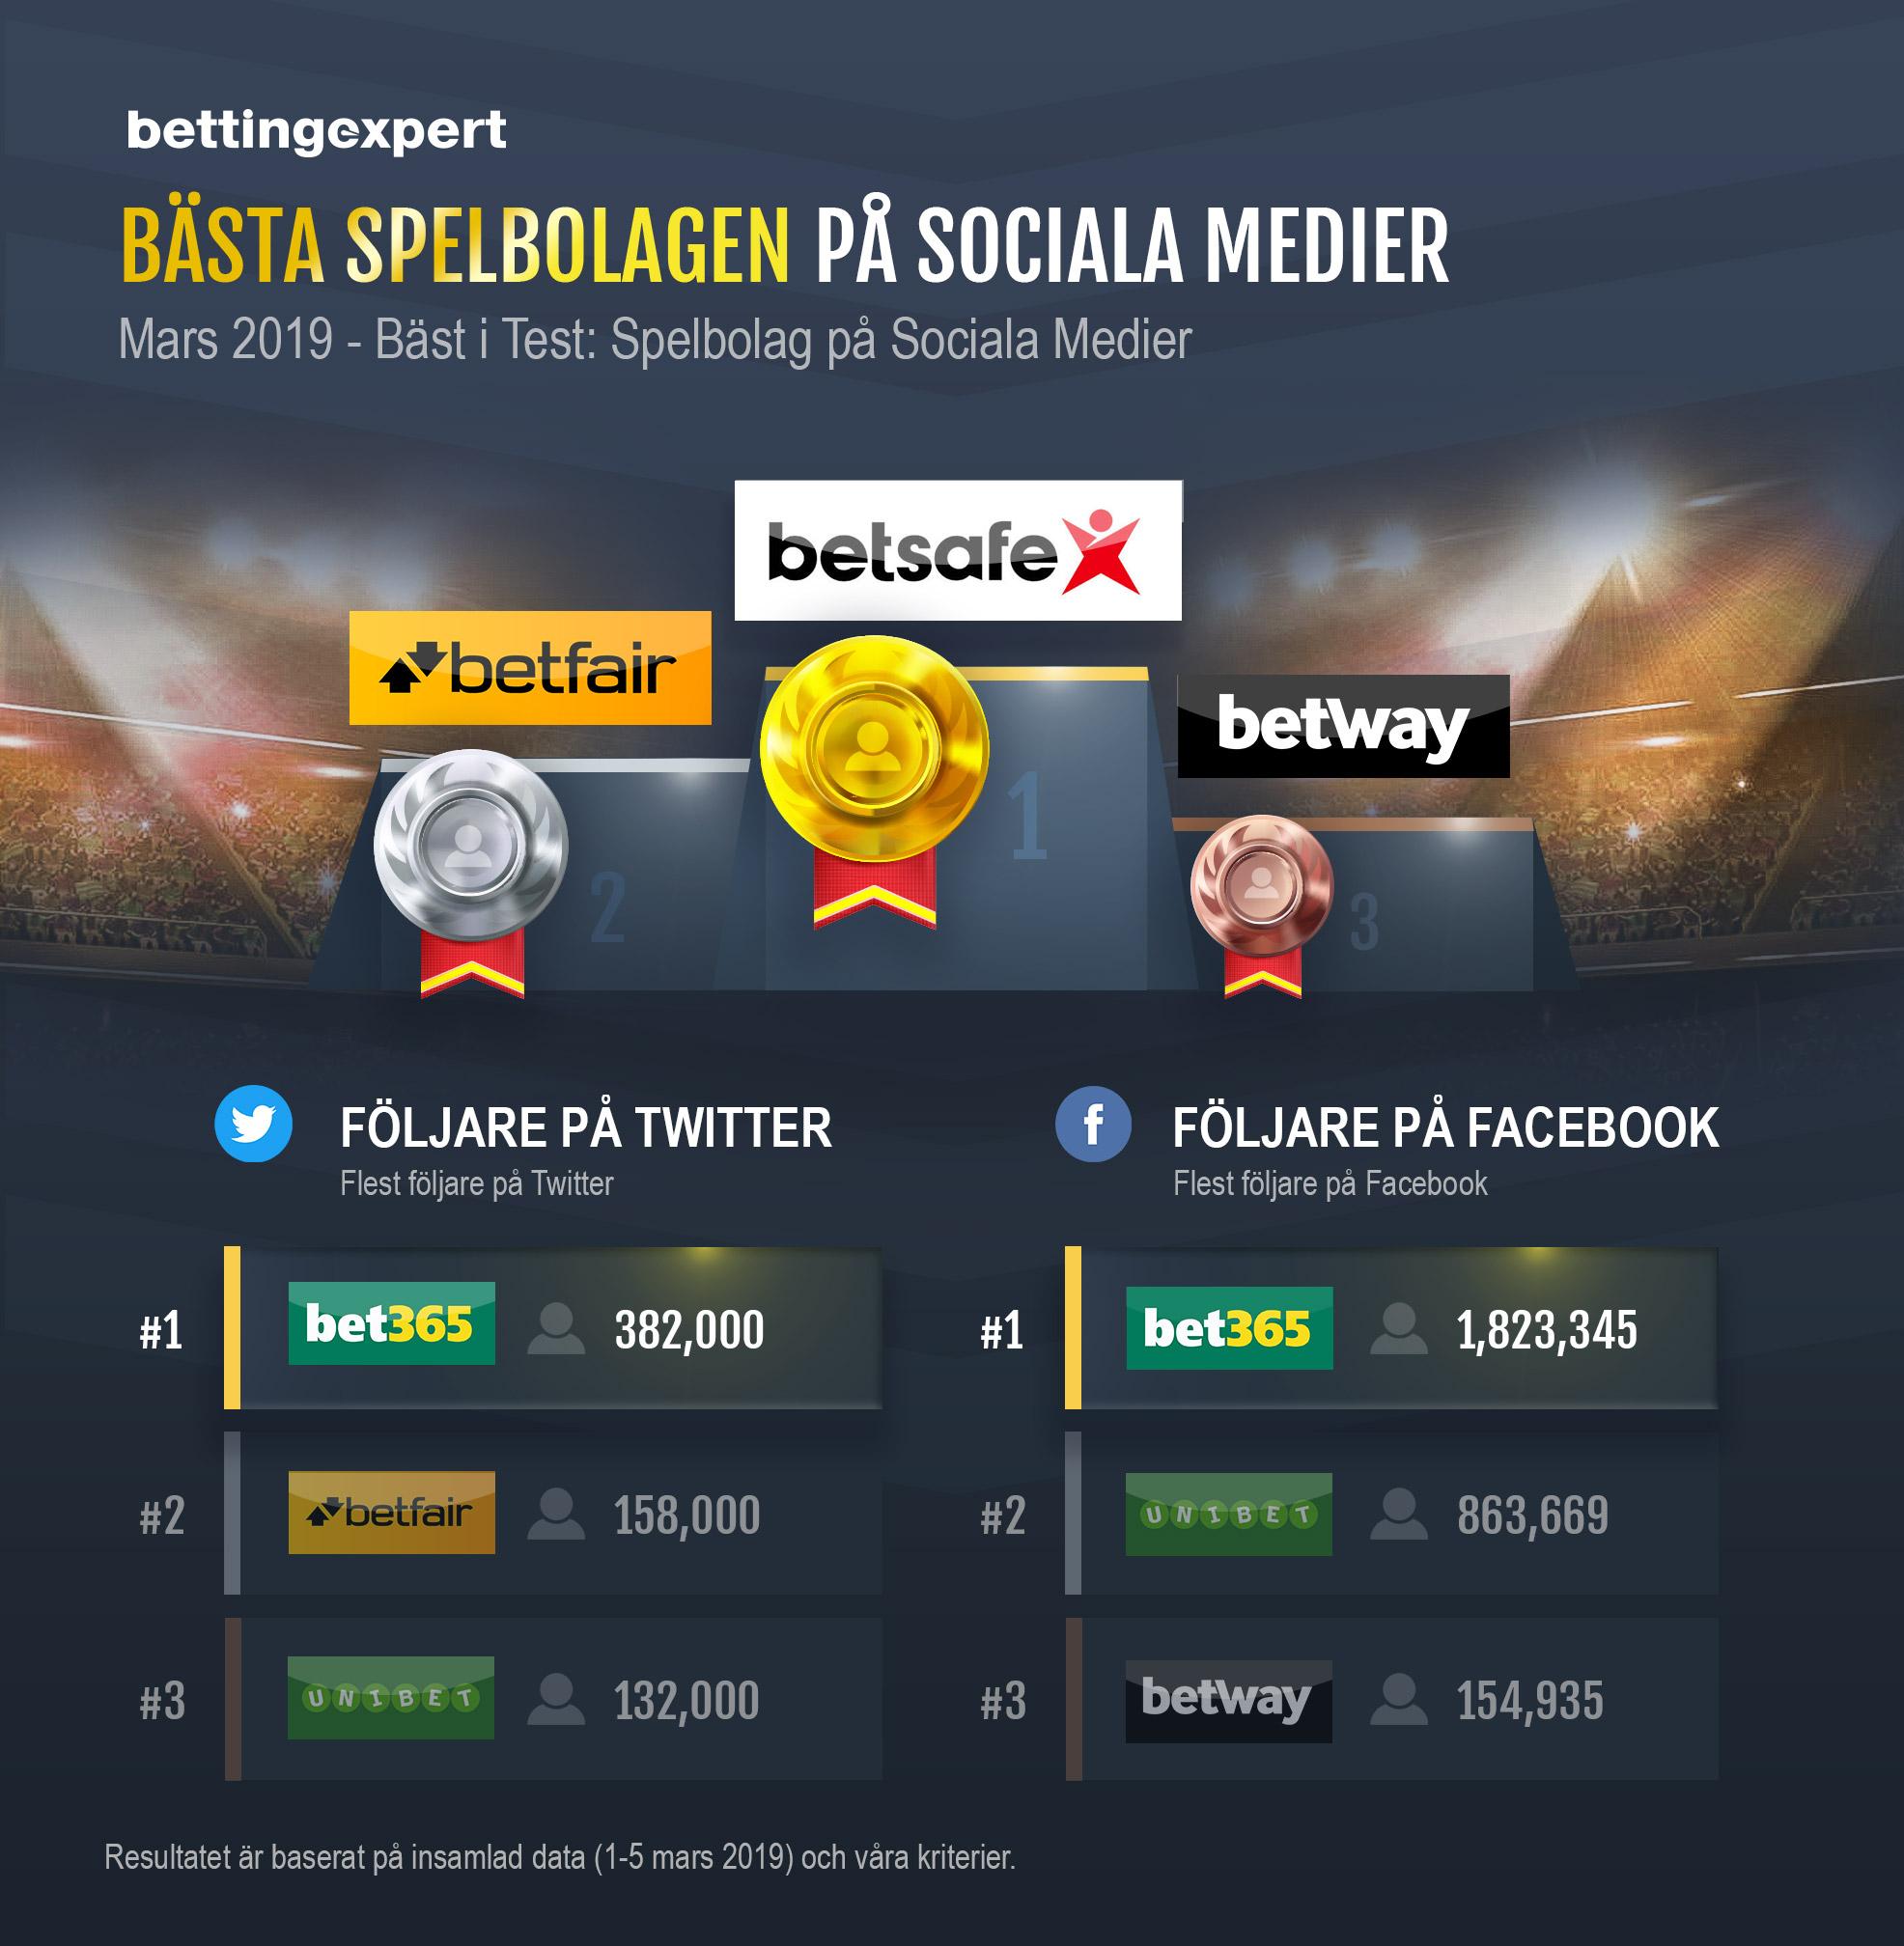 Bäst Spelbolag Sociala Medier